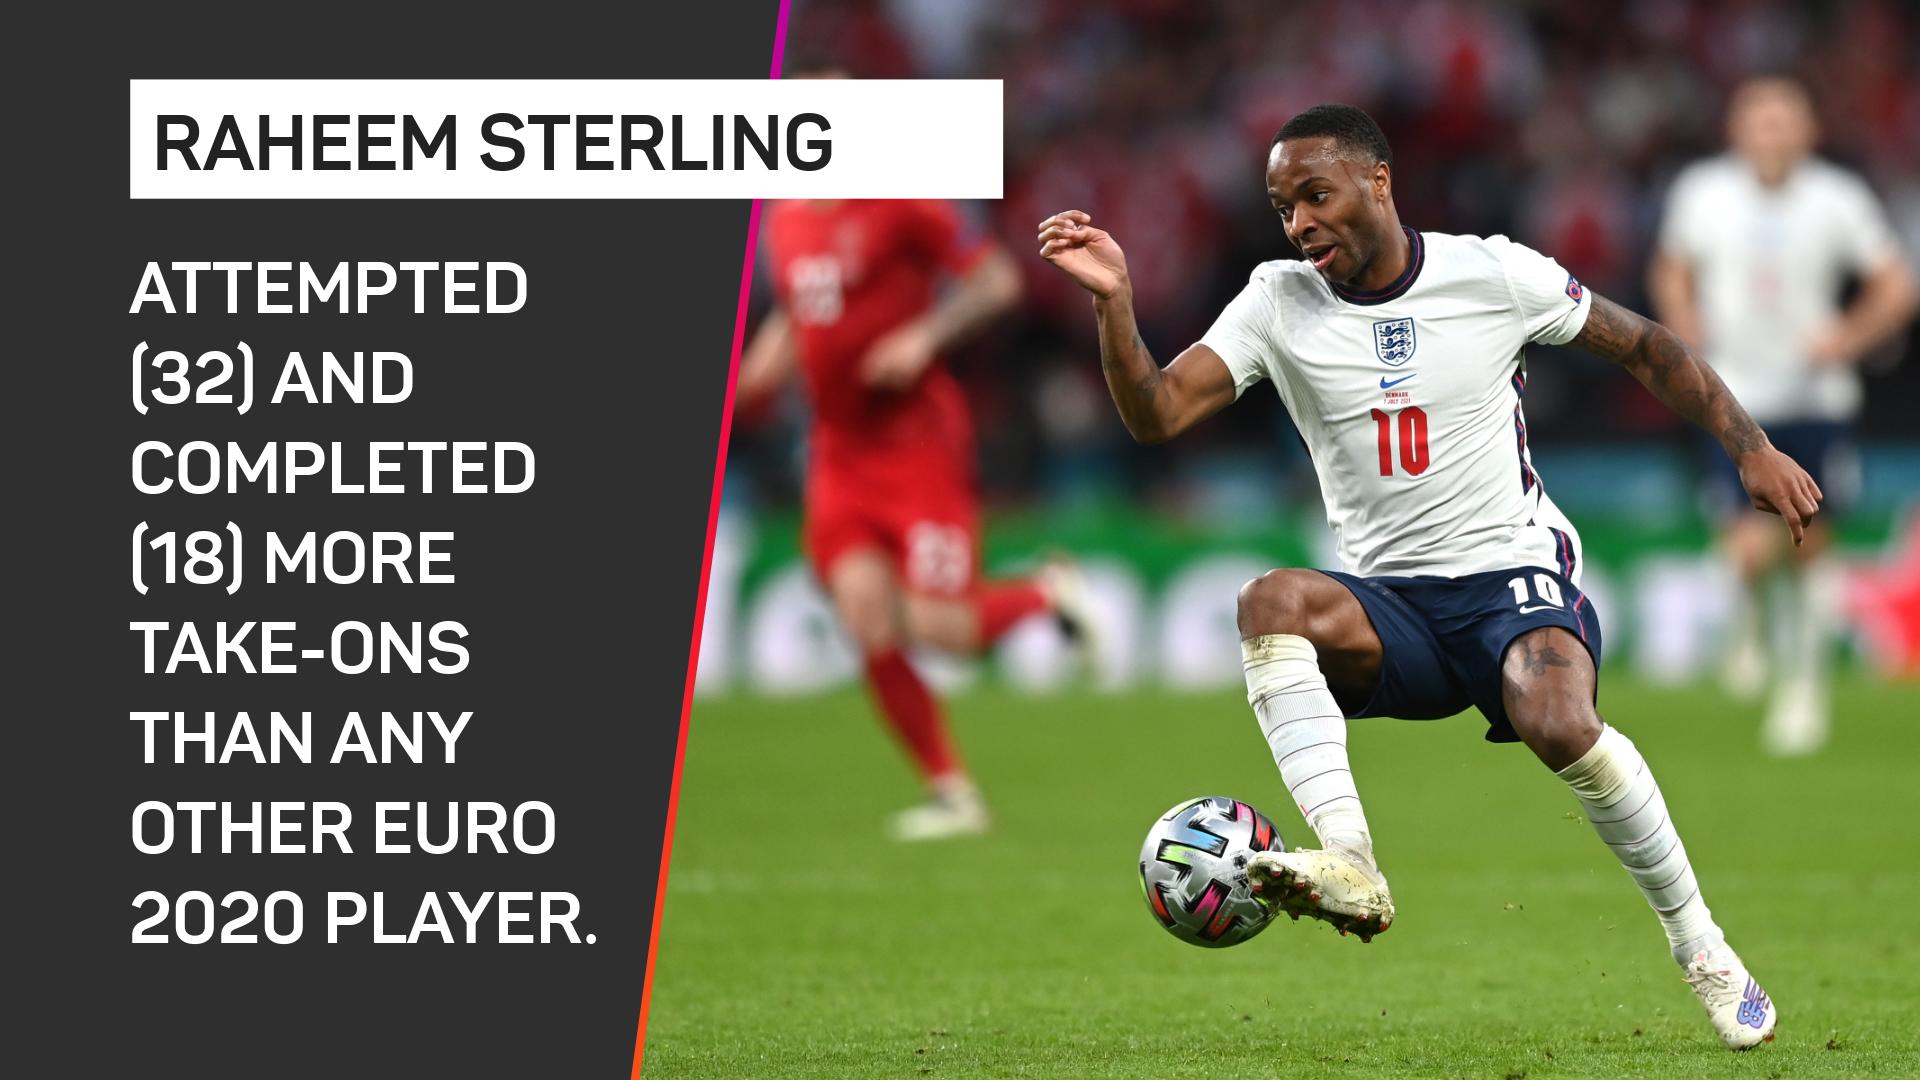 Raheem Sterling take-ons at Euro 2020